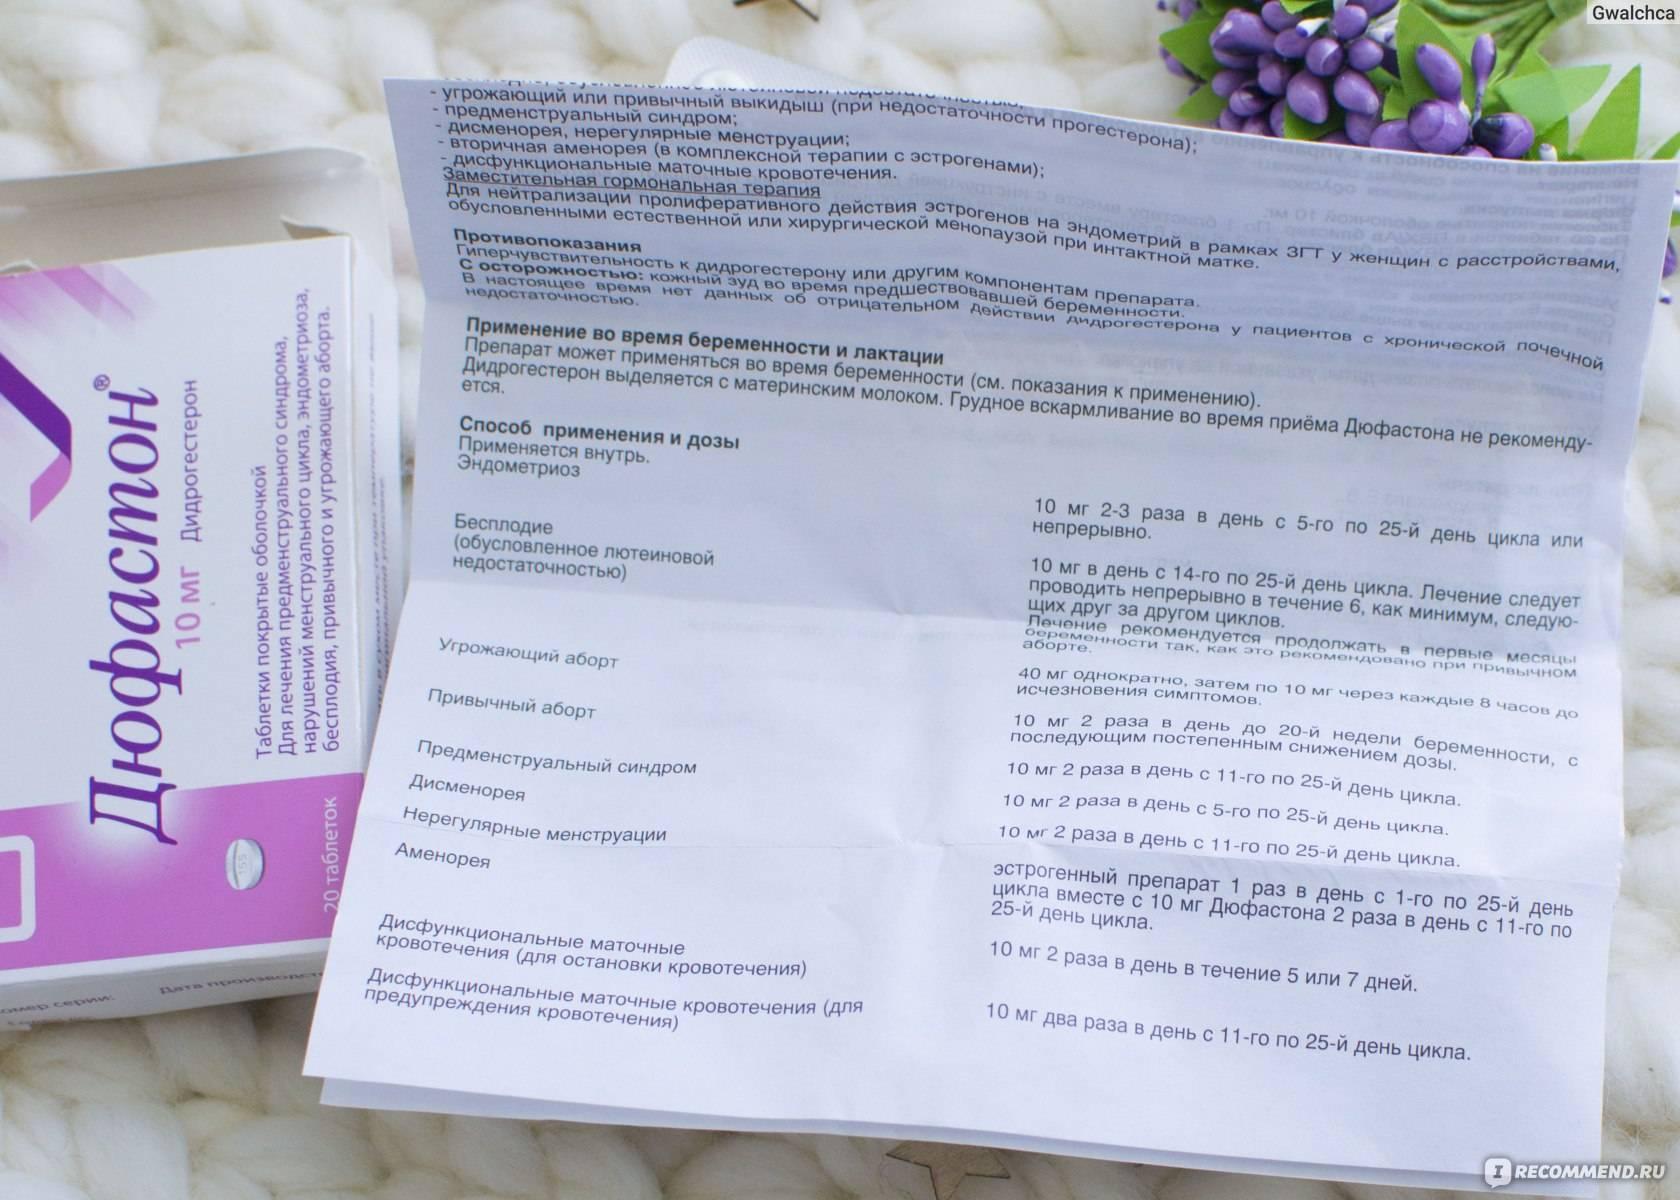 Дюфастон и планирование беременности: принимаем препарат правильно